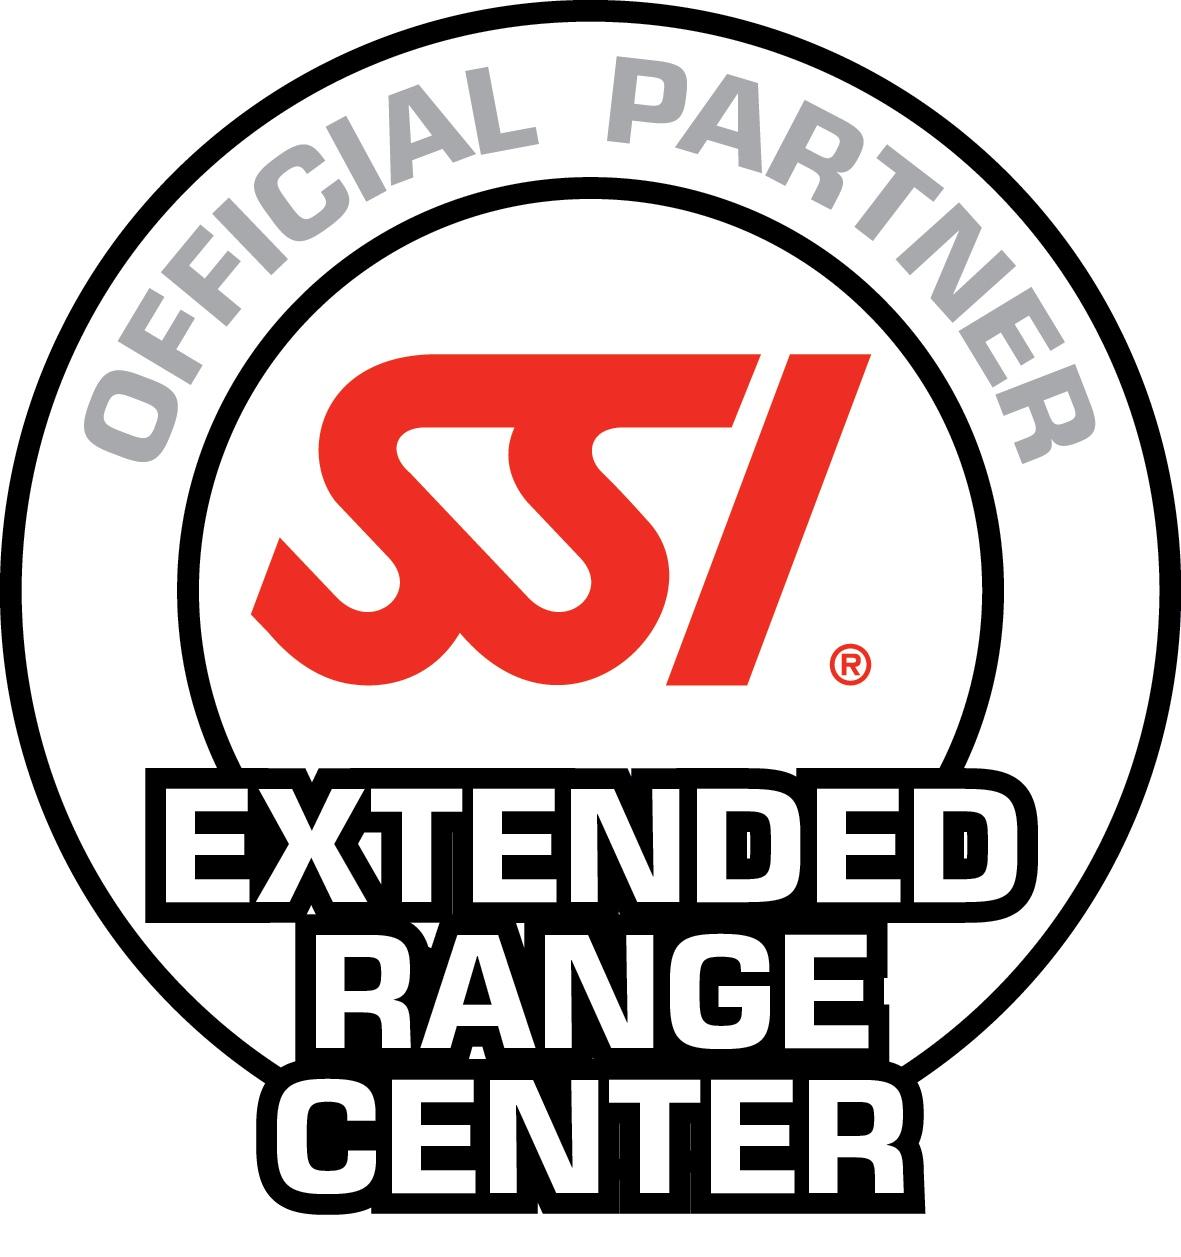 SSI_LOGO_Extended_Range_Center_RGB.jpg